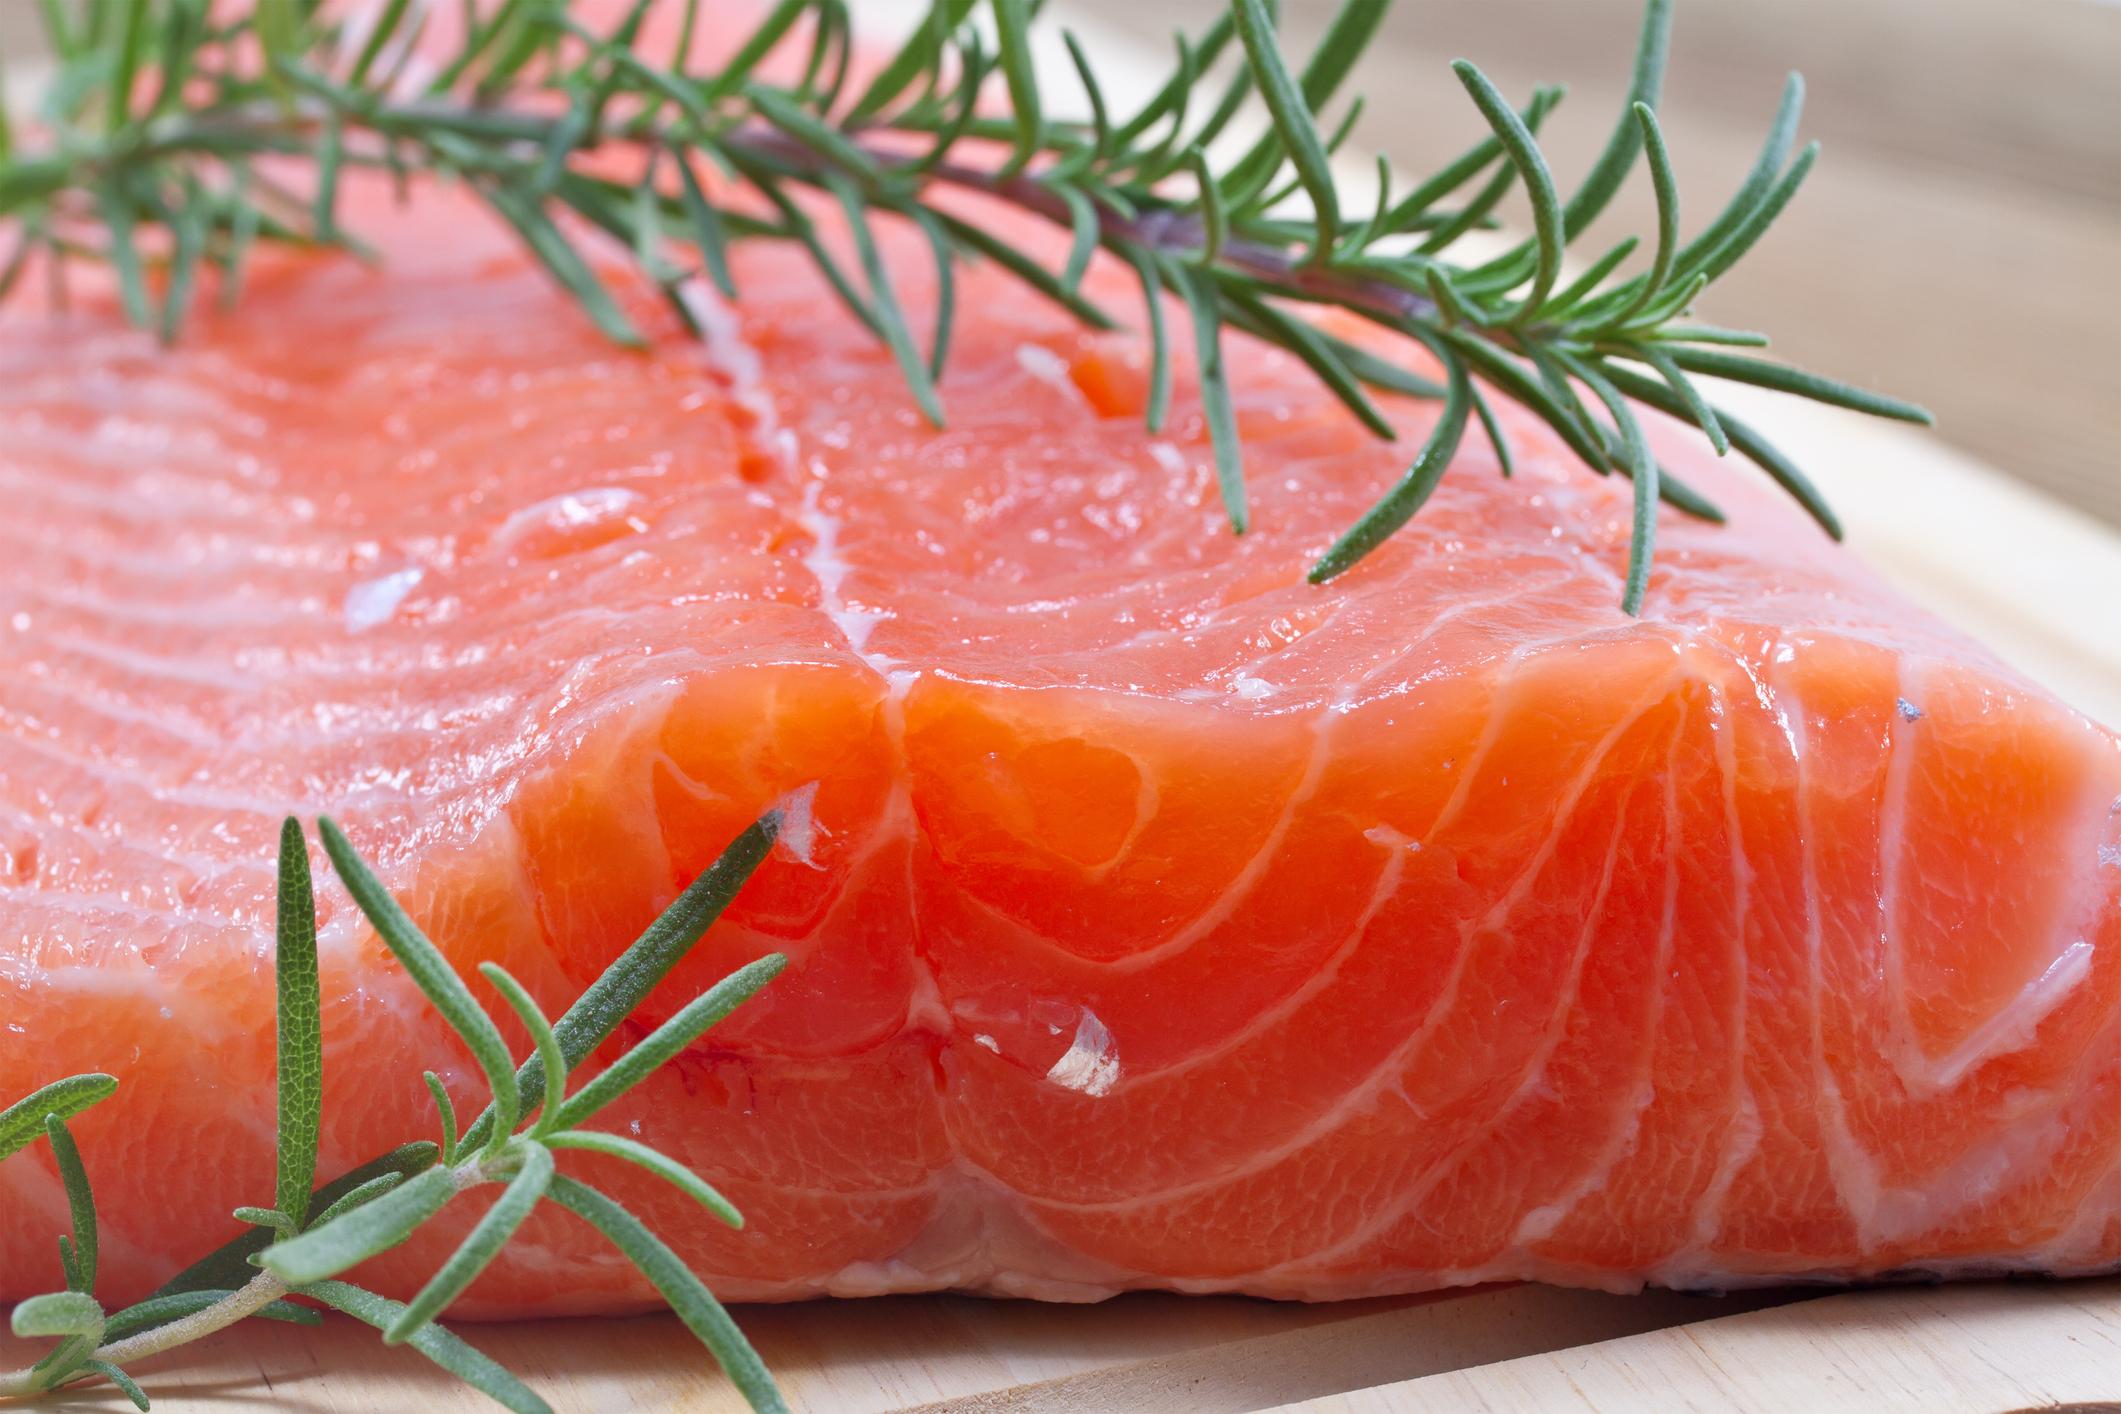 Làm thế nào để thịt cá hồi công nghiệp có màu đỏ hồng bắt mắt? - Ruybangtim.com